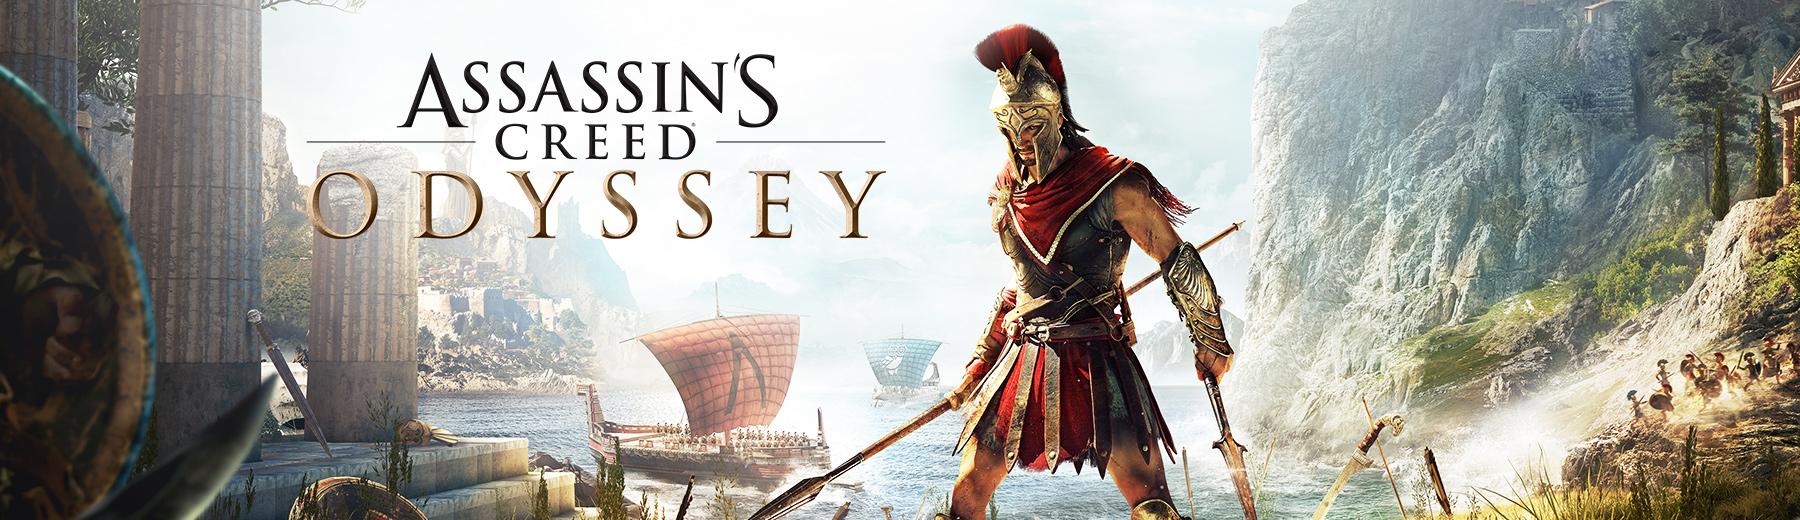 بهروزرسانی جدید بازی Assassin's Creed Odyssey منتشر شد